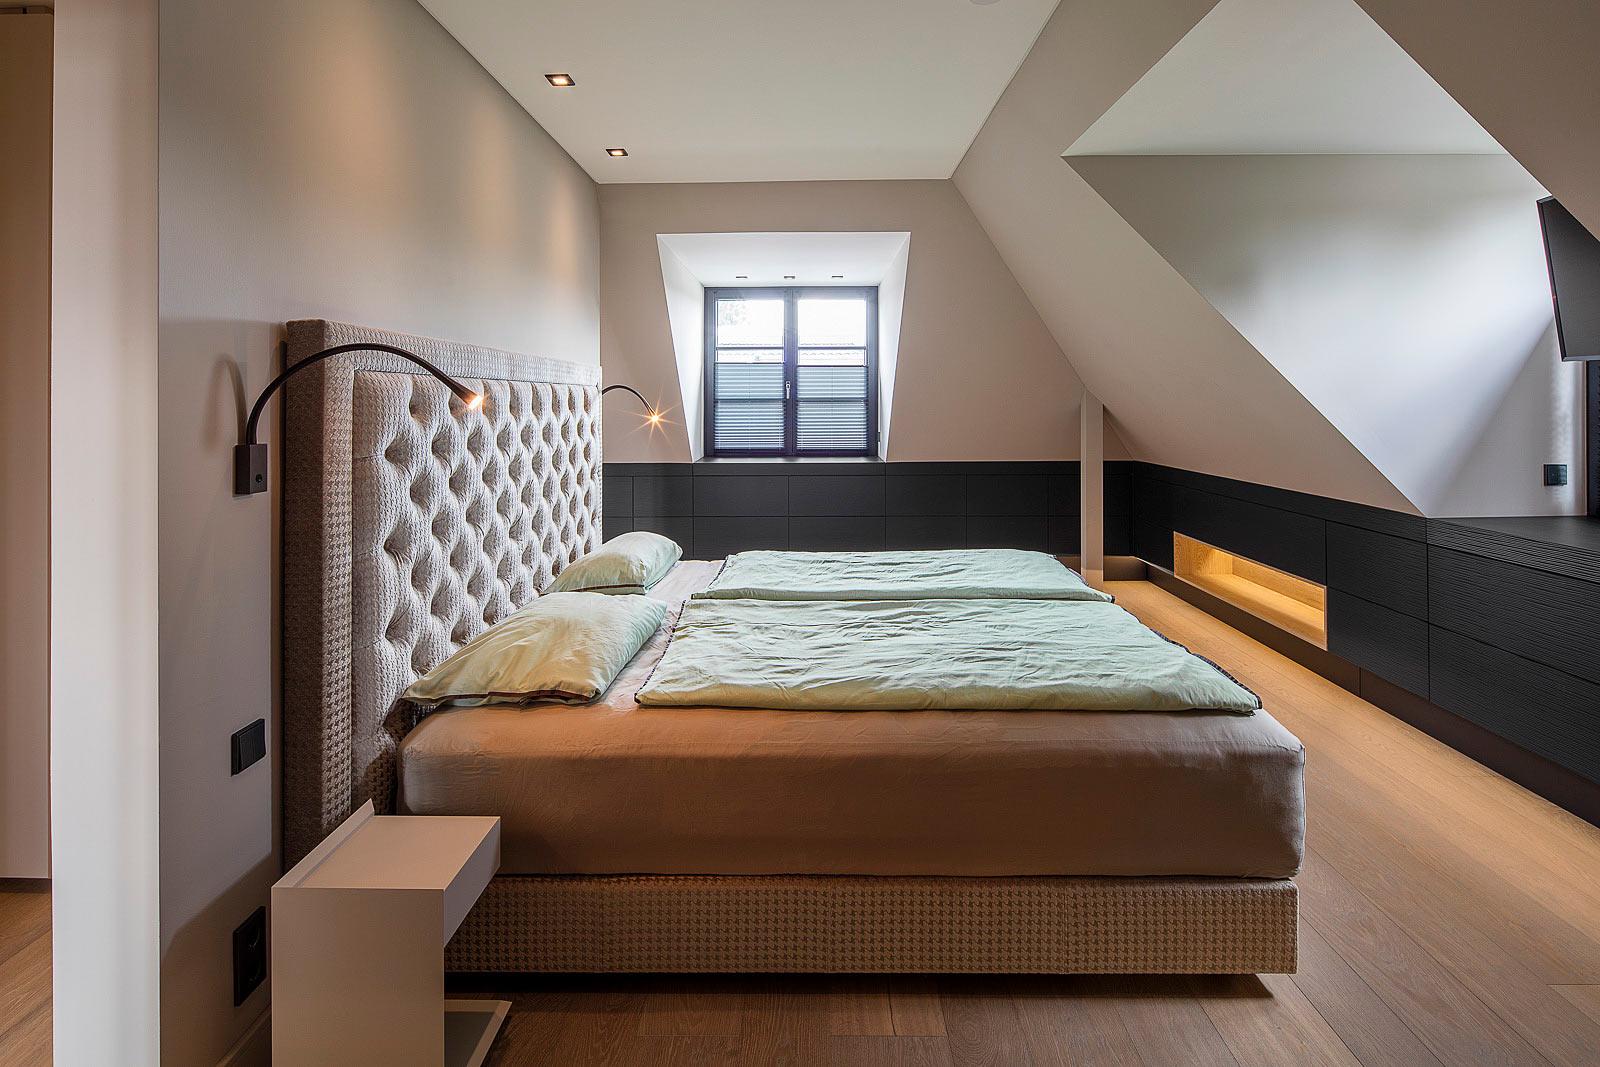 Architekturfotografie Innenraum, Architektur und Interieur Fotograf, Schlafzimmer mit Einbauschränken, Interior